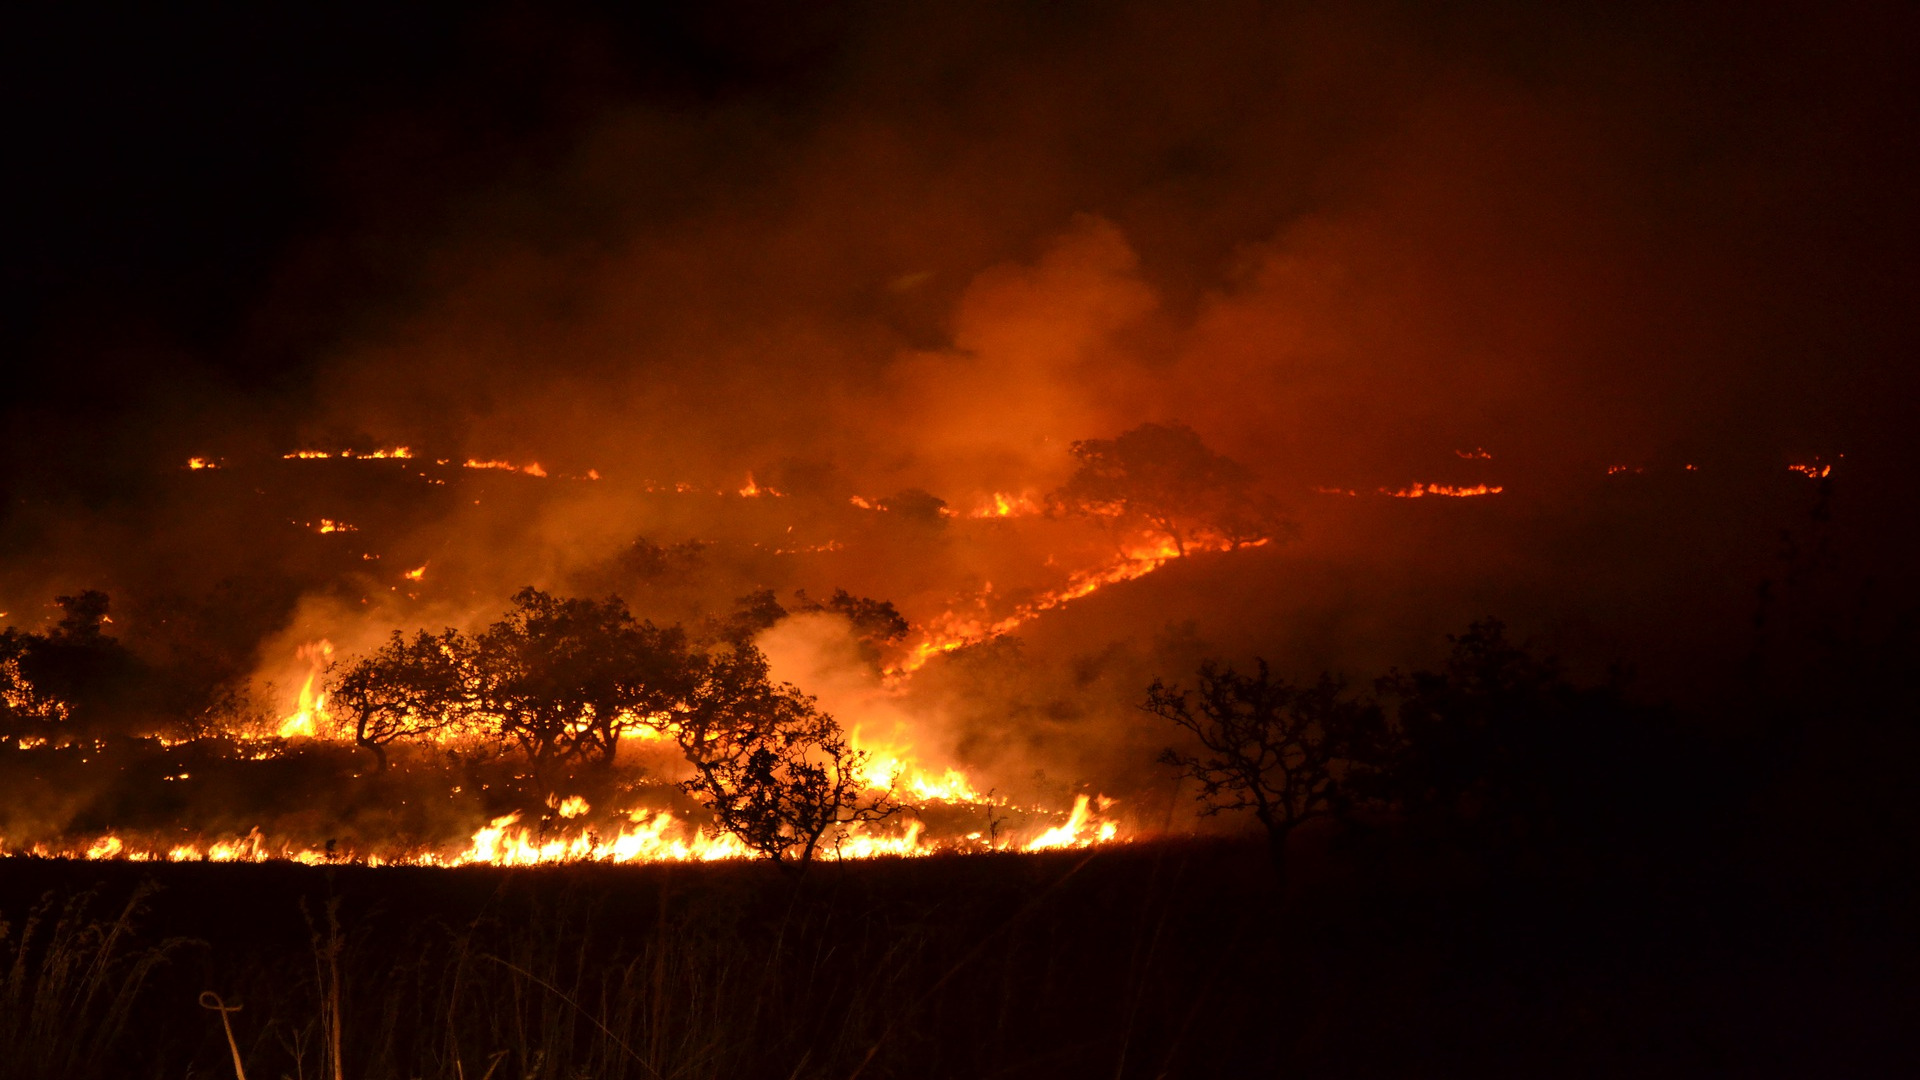 Prohibidas las quemas agricolas hasta el 30 de septiembre.1920